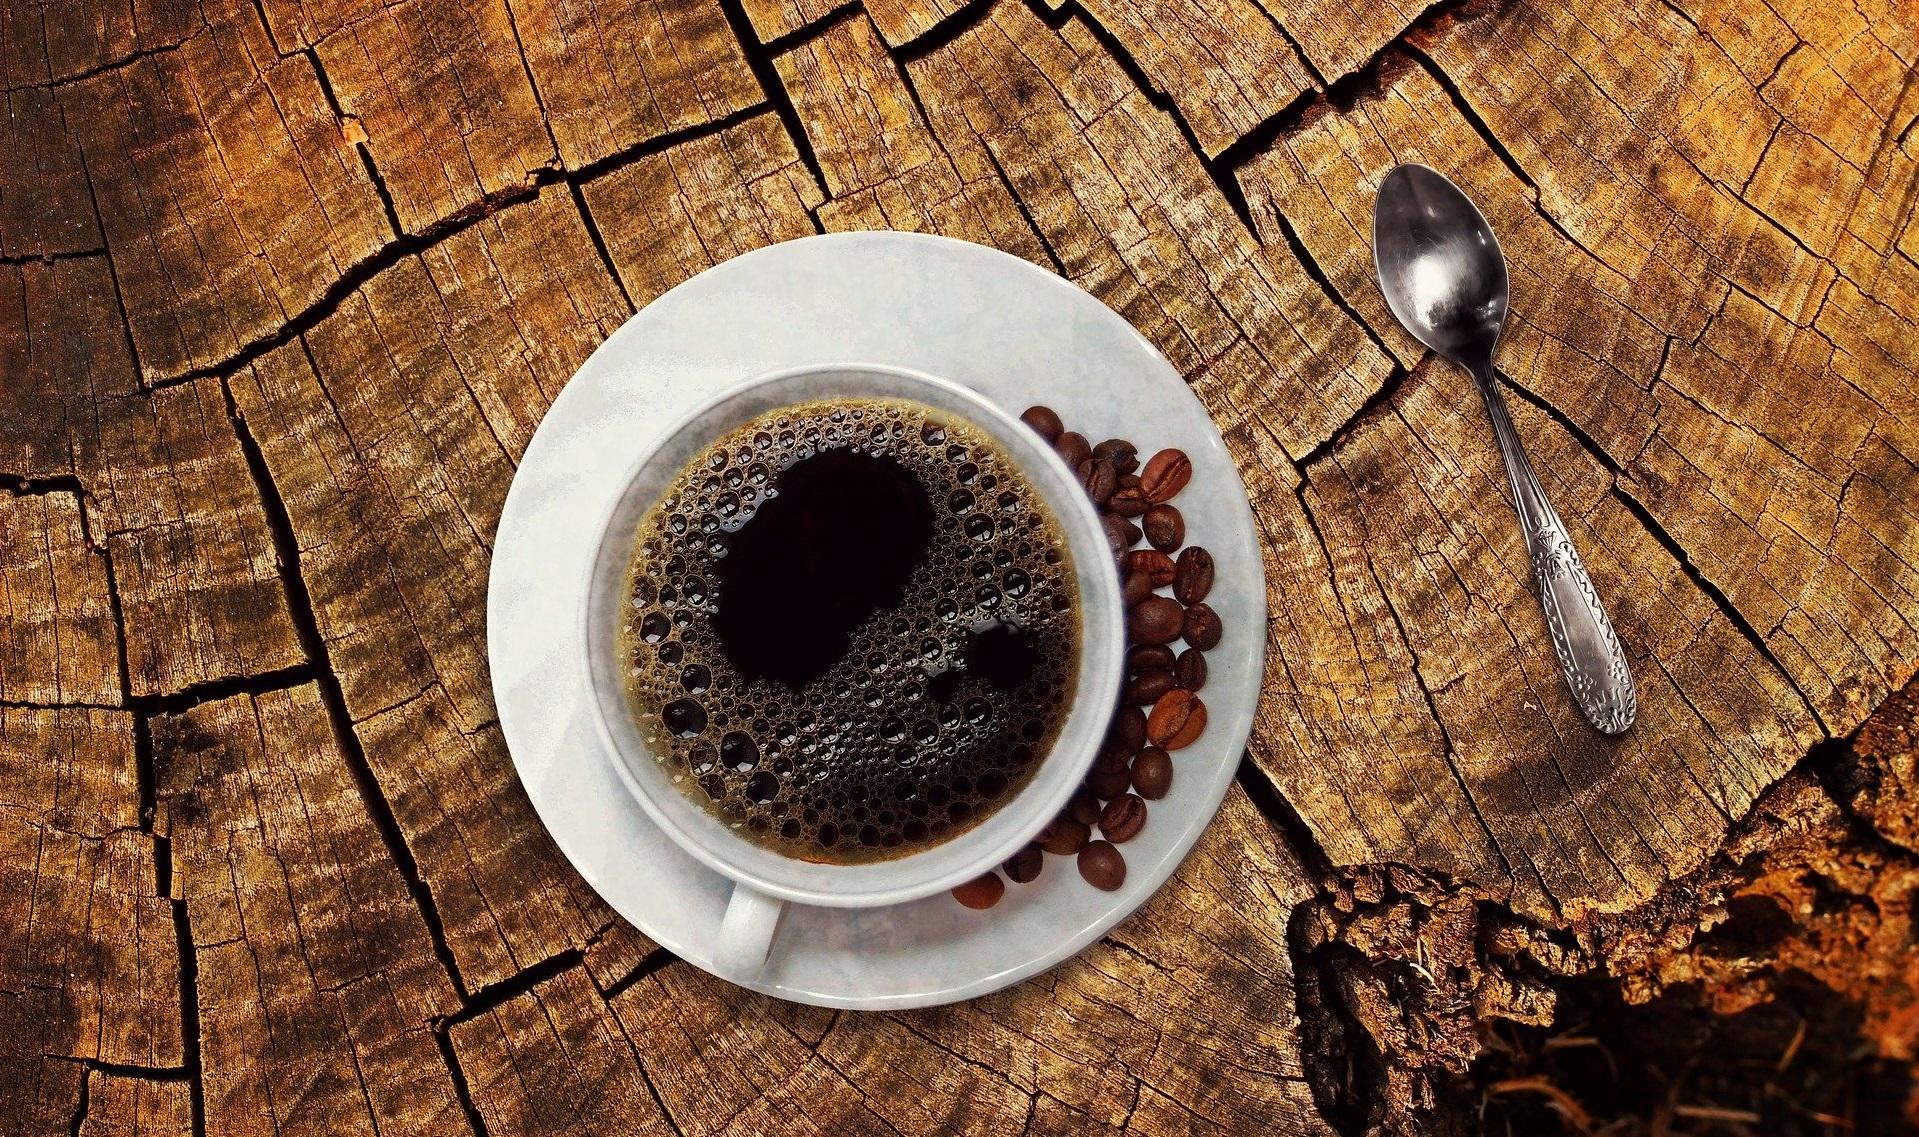 Učinki kofeina močnejši popoldne, pol ure pred vadbo pa pospešijo kurjenje maščob